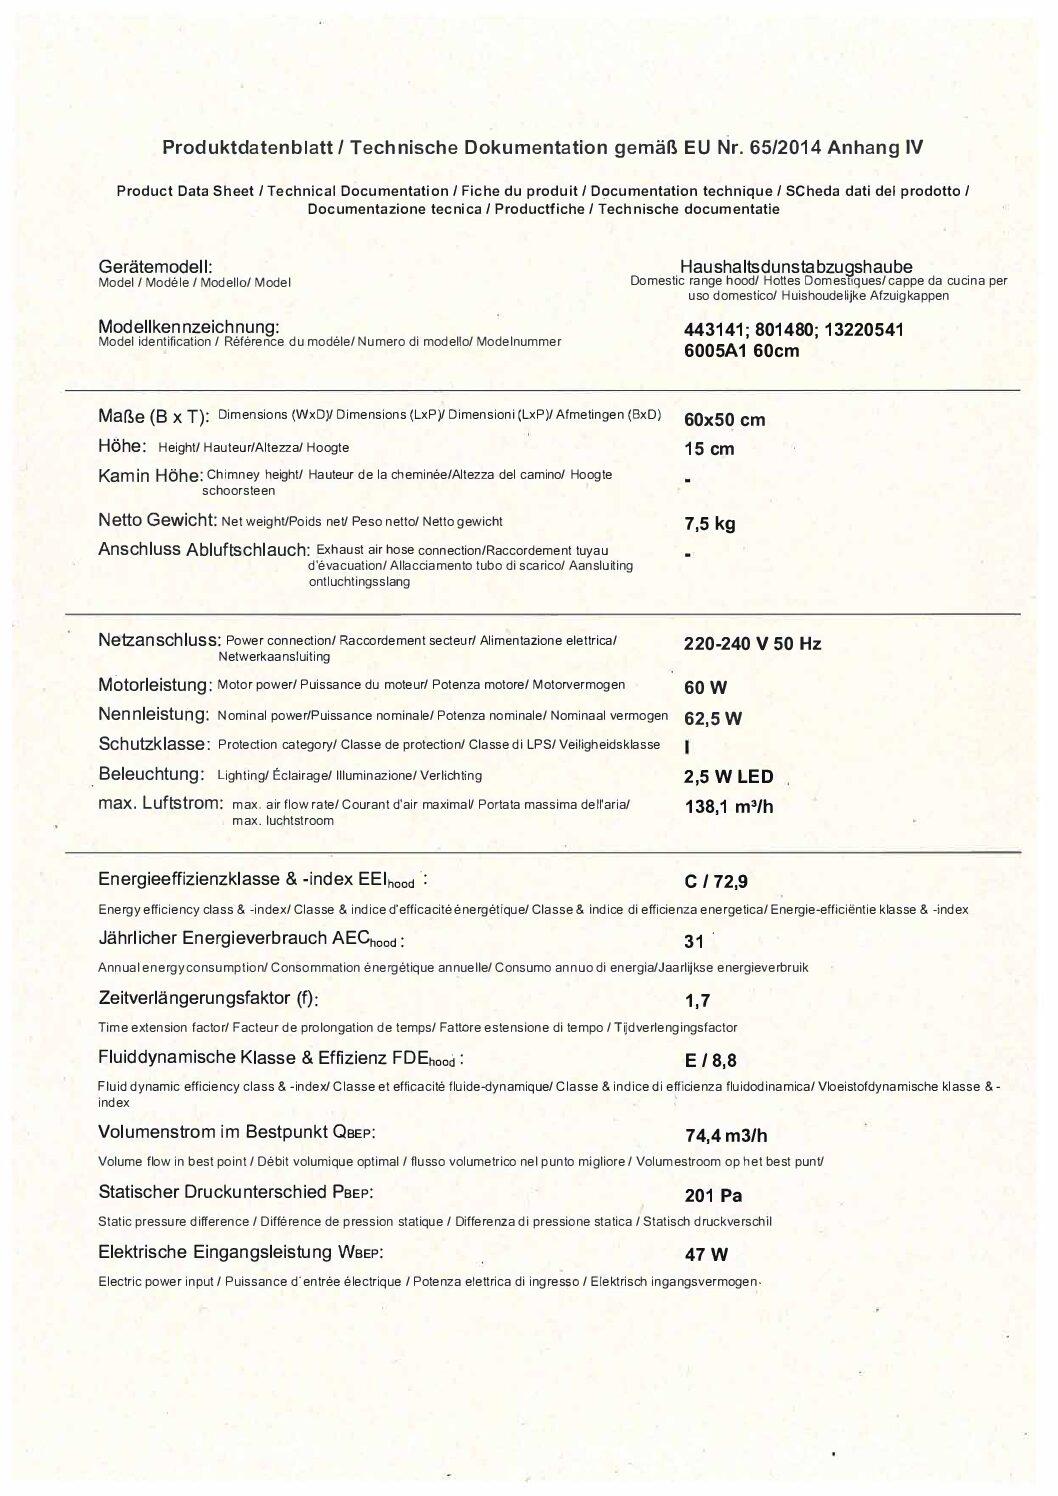 Unterbauhaube 60cm Breite Leistung bis zu 194 m³/h B801480 ehemalig UVP 69,99€   801480 1 pdf